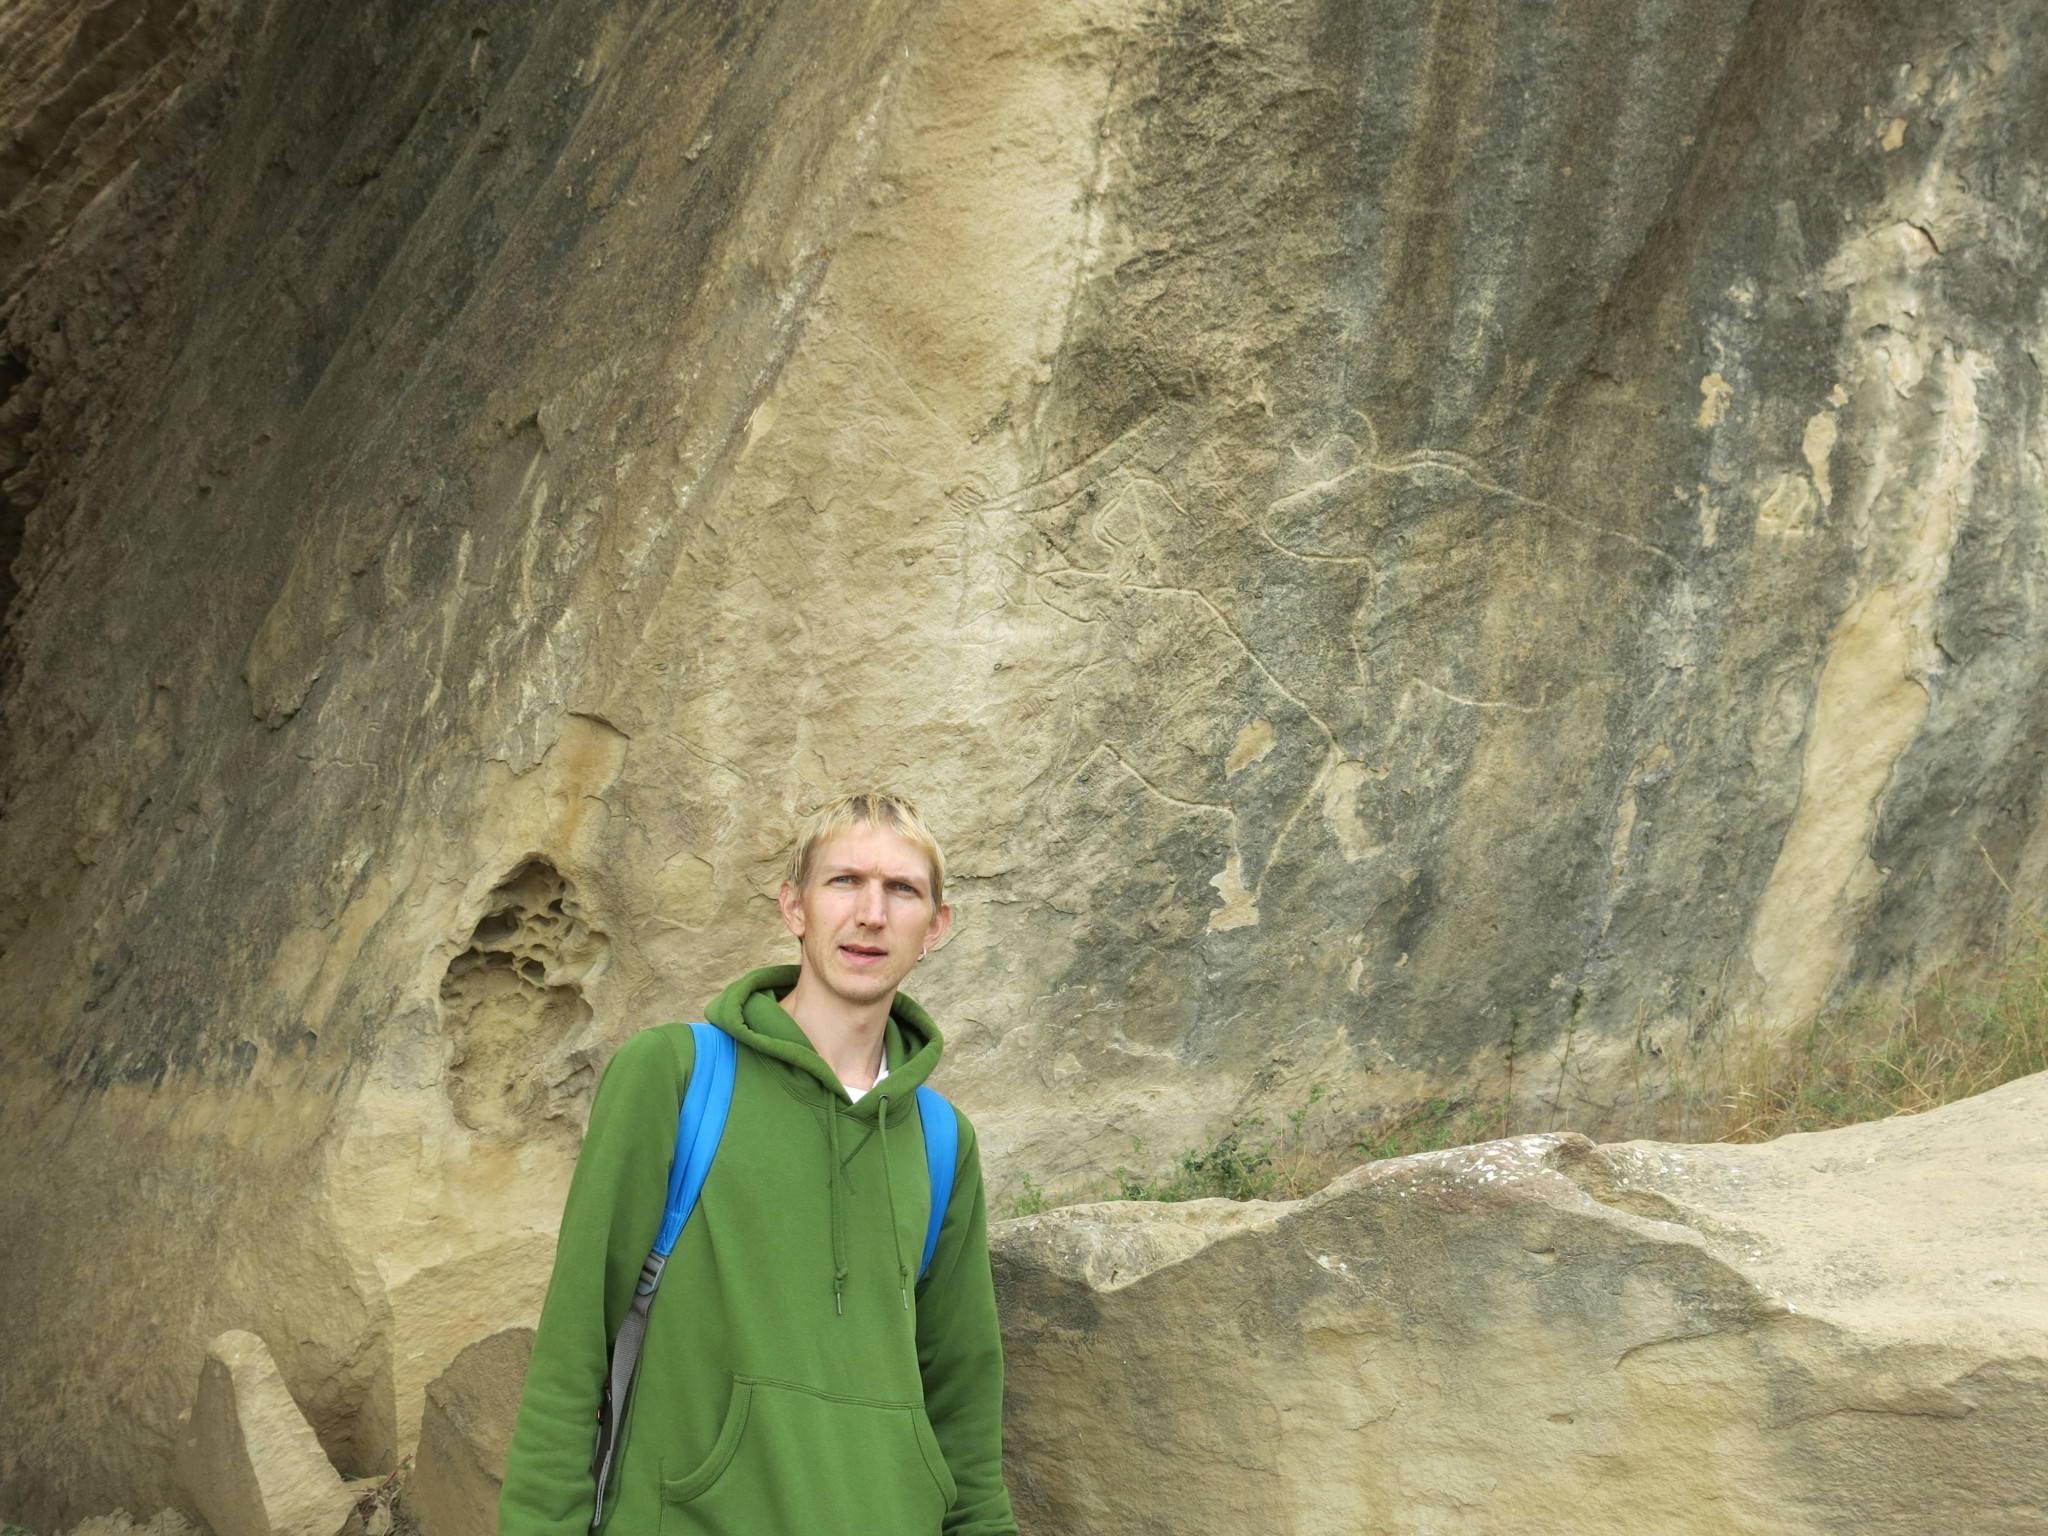 qobustan rock formations